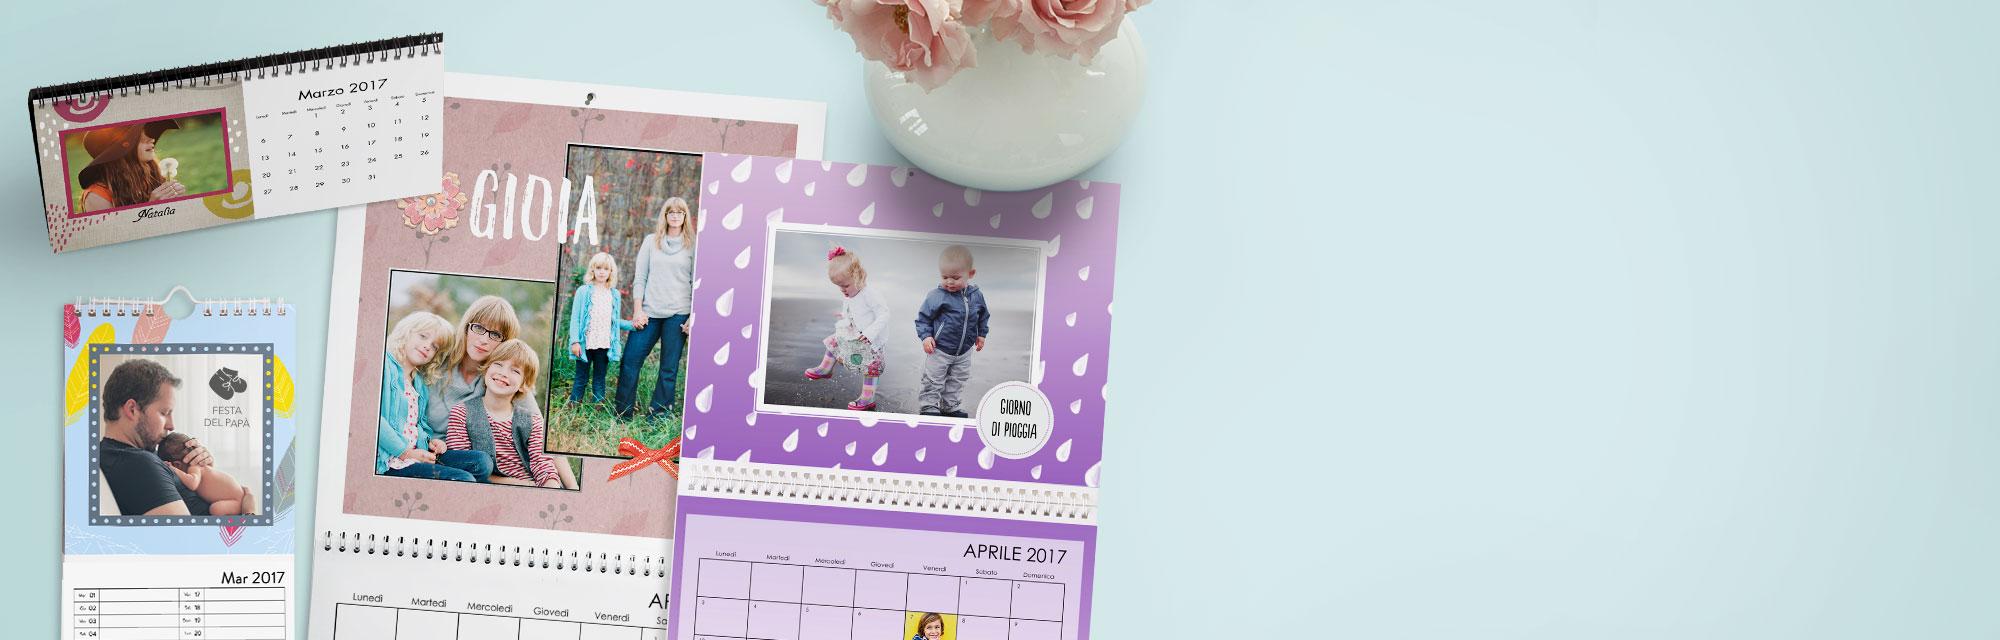 12 mesi speciali : Le tue foto più belle in un calendario fotografico personalizzato, unico.